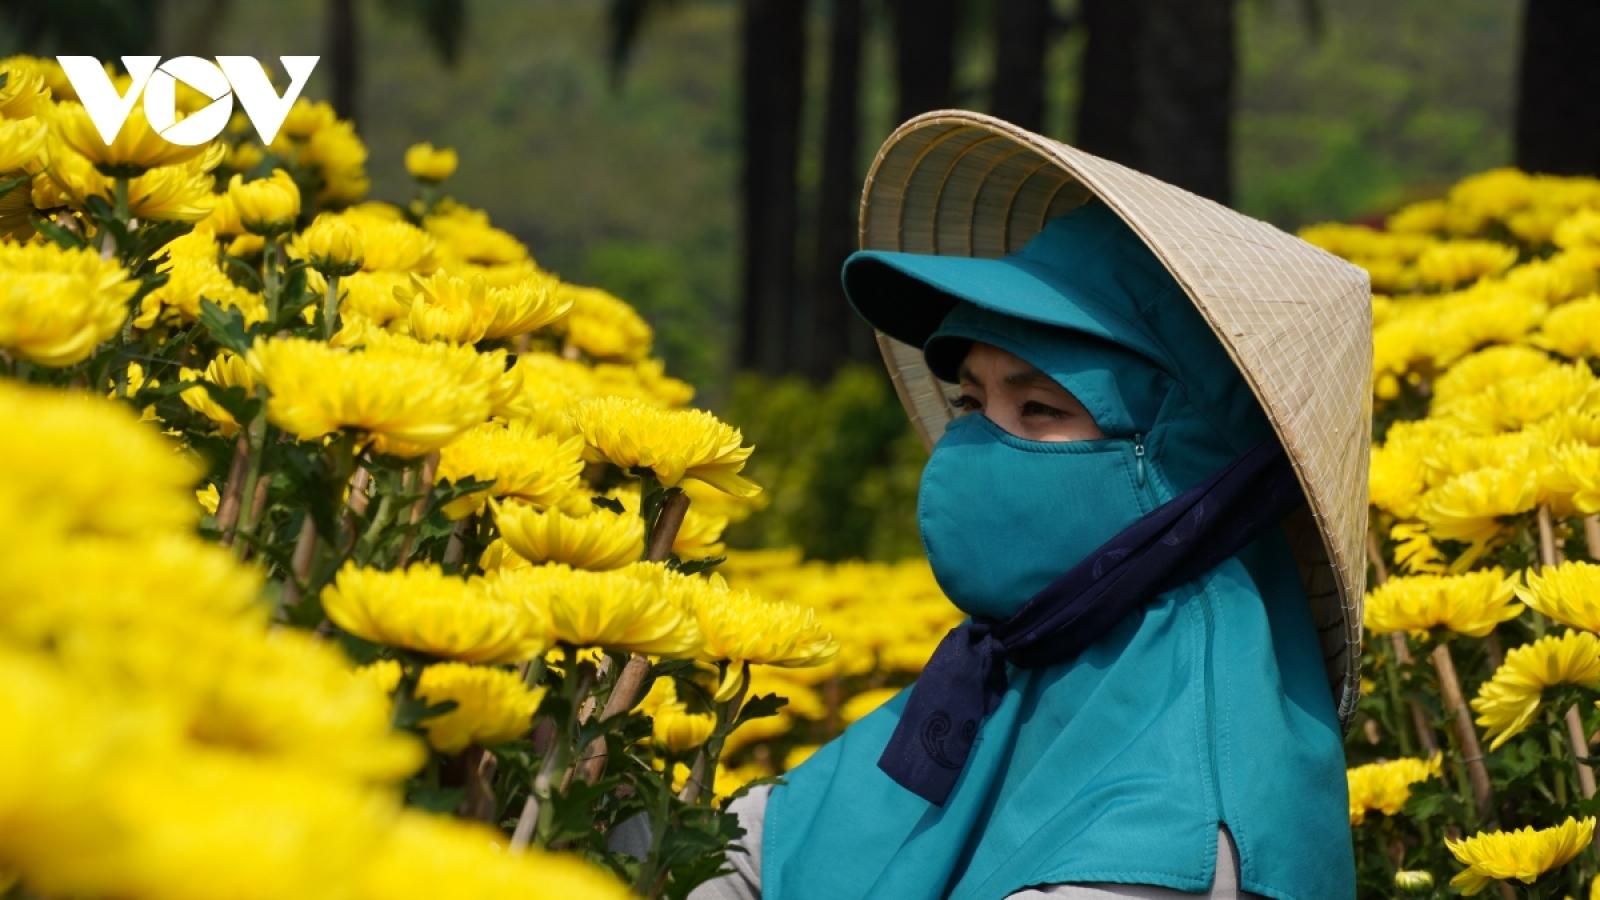 TP HCM vận động người dân mua hoa ủng hộ tiểu thương, người kinh doanh hoa